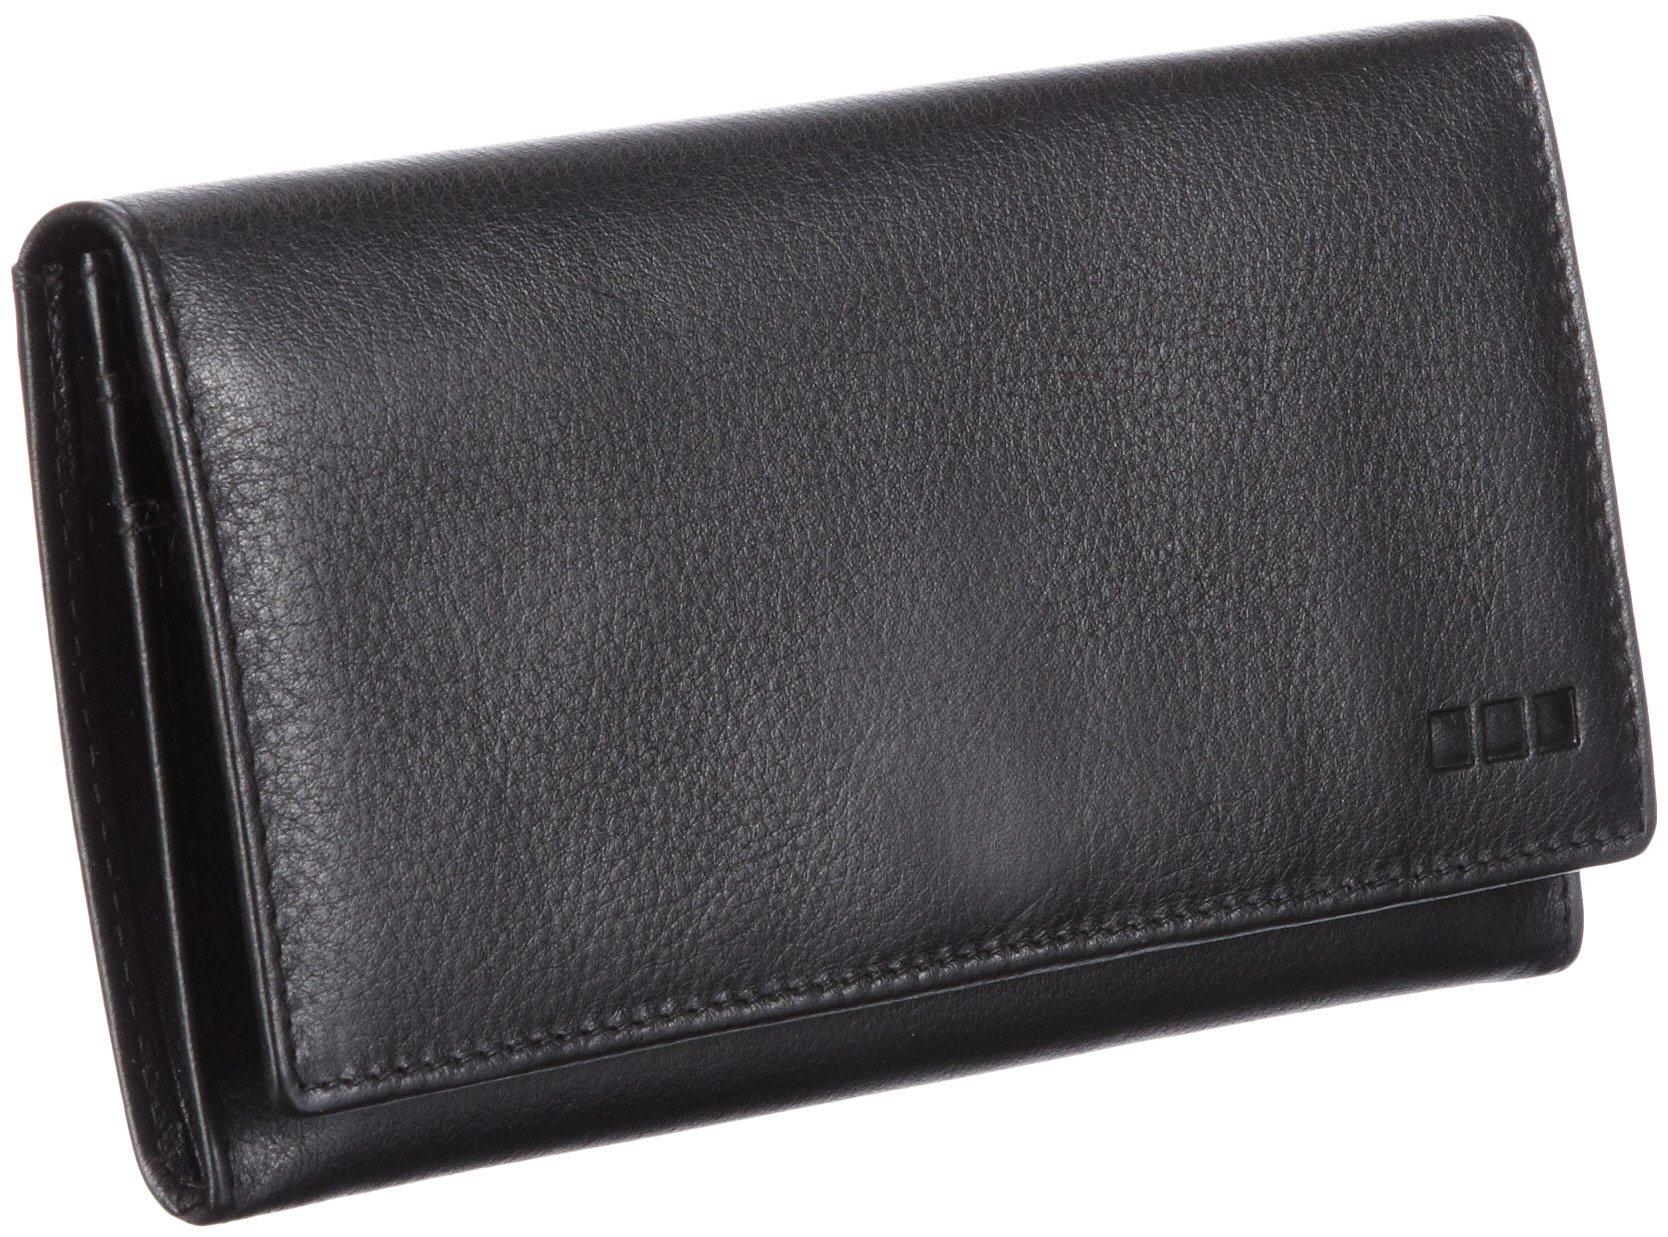 Müller & Meirer Lederwarenfabr Handtaschen Taschen 4900000213_SCHWARZ Schwarz dDqCH